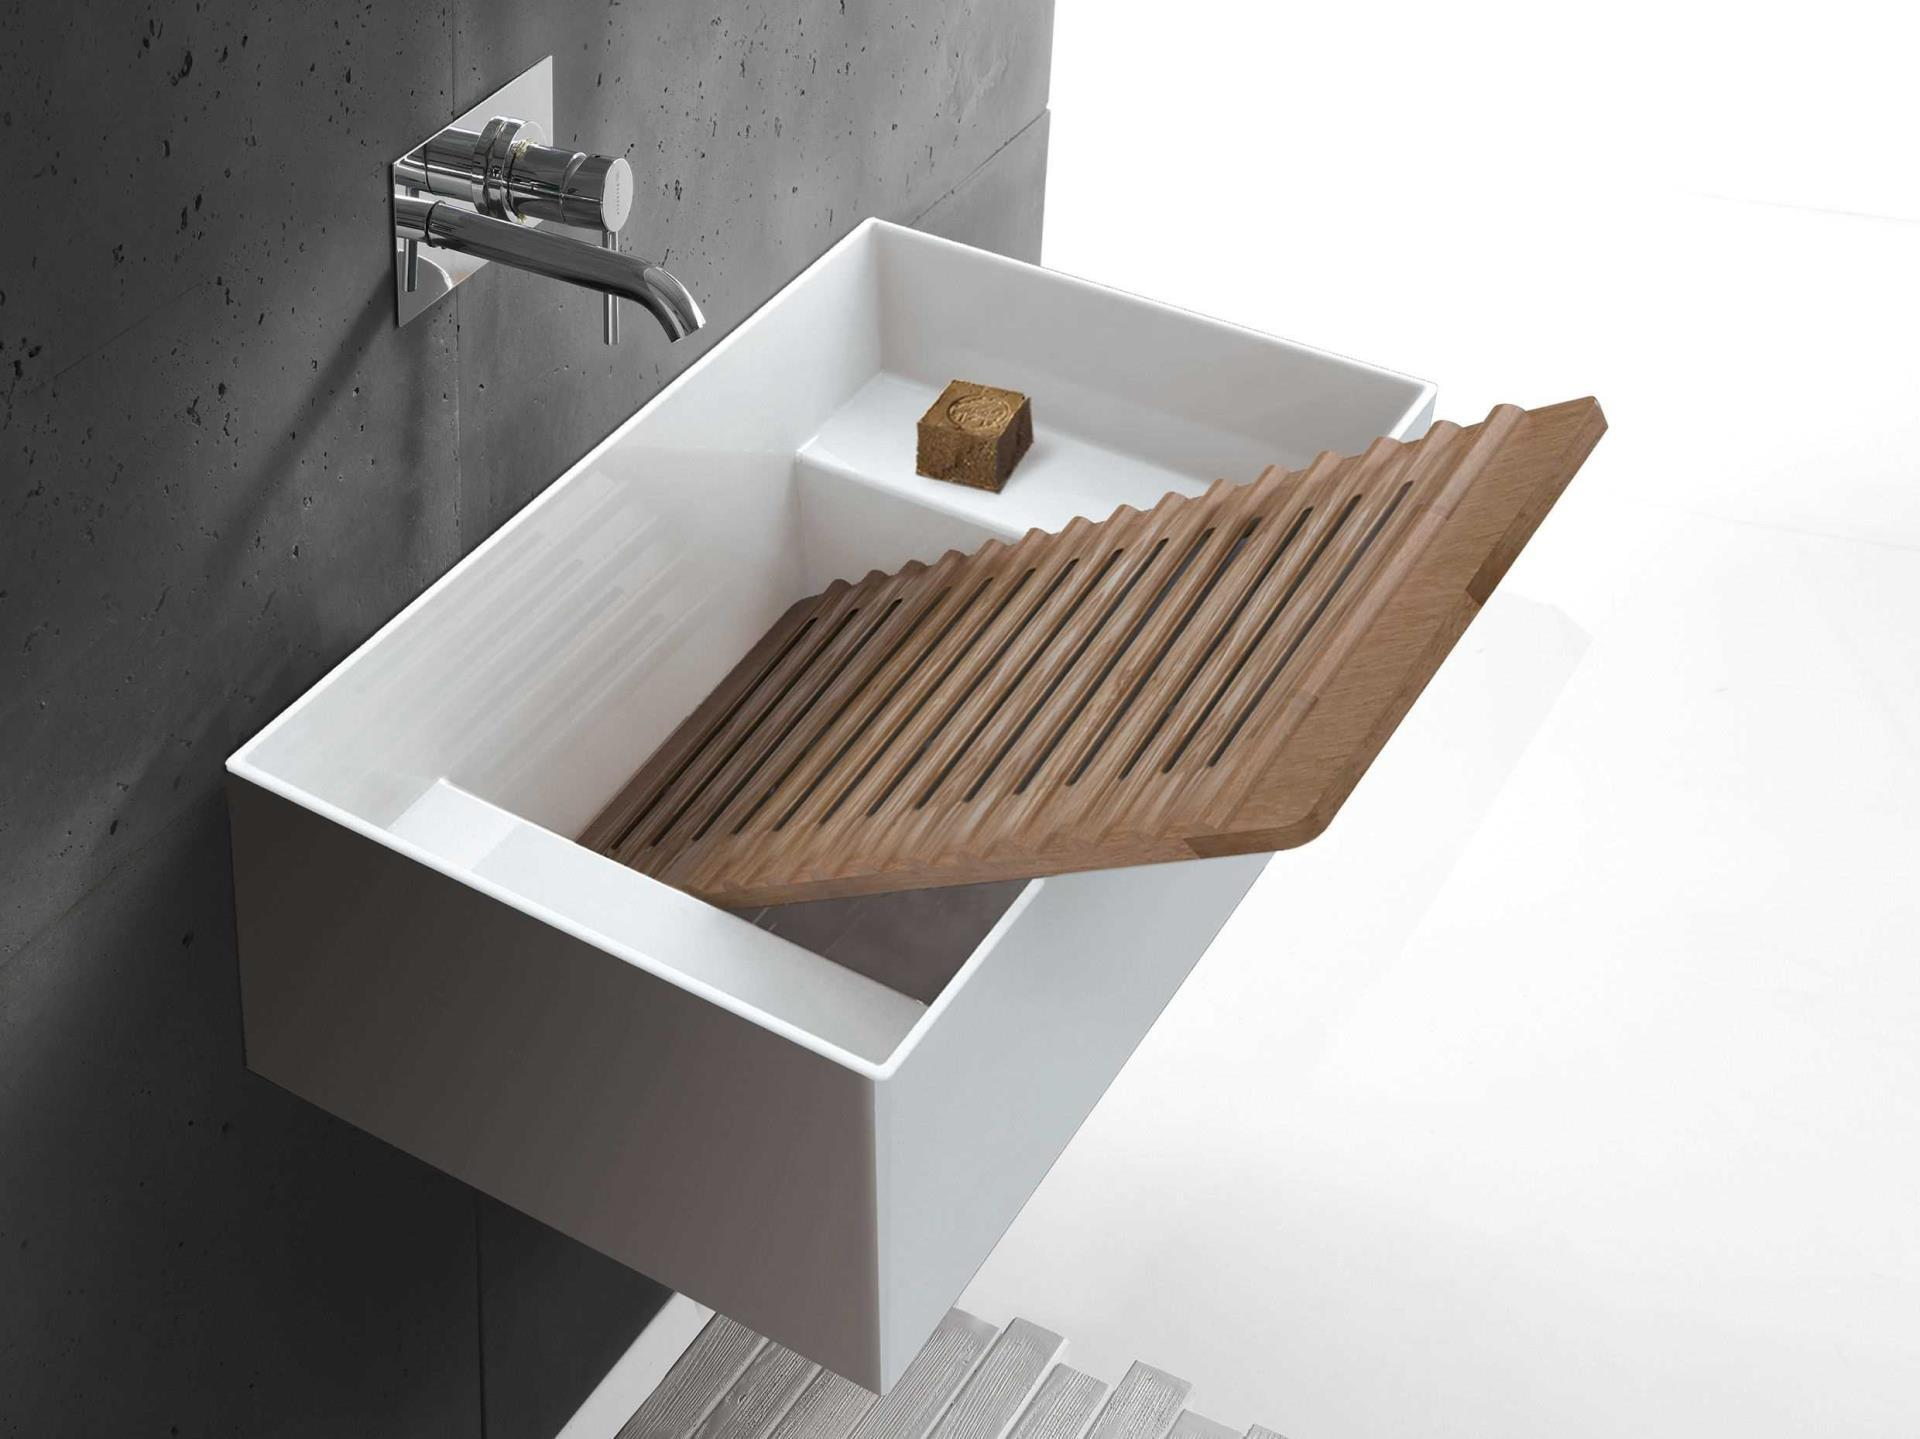 Pilozza Ceramica Con Mobile.Lavatoio In Ceramica Con Mobile Great Pilozzo Ceramica Con